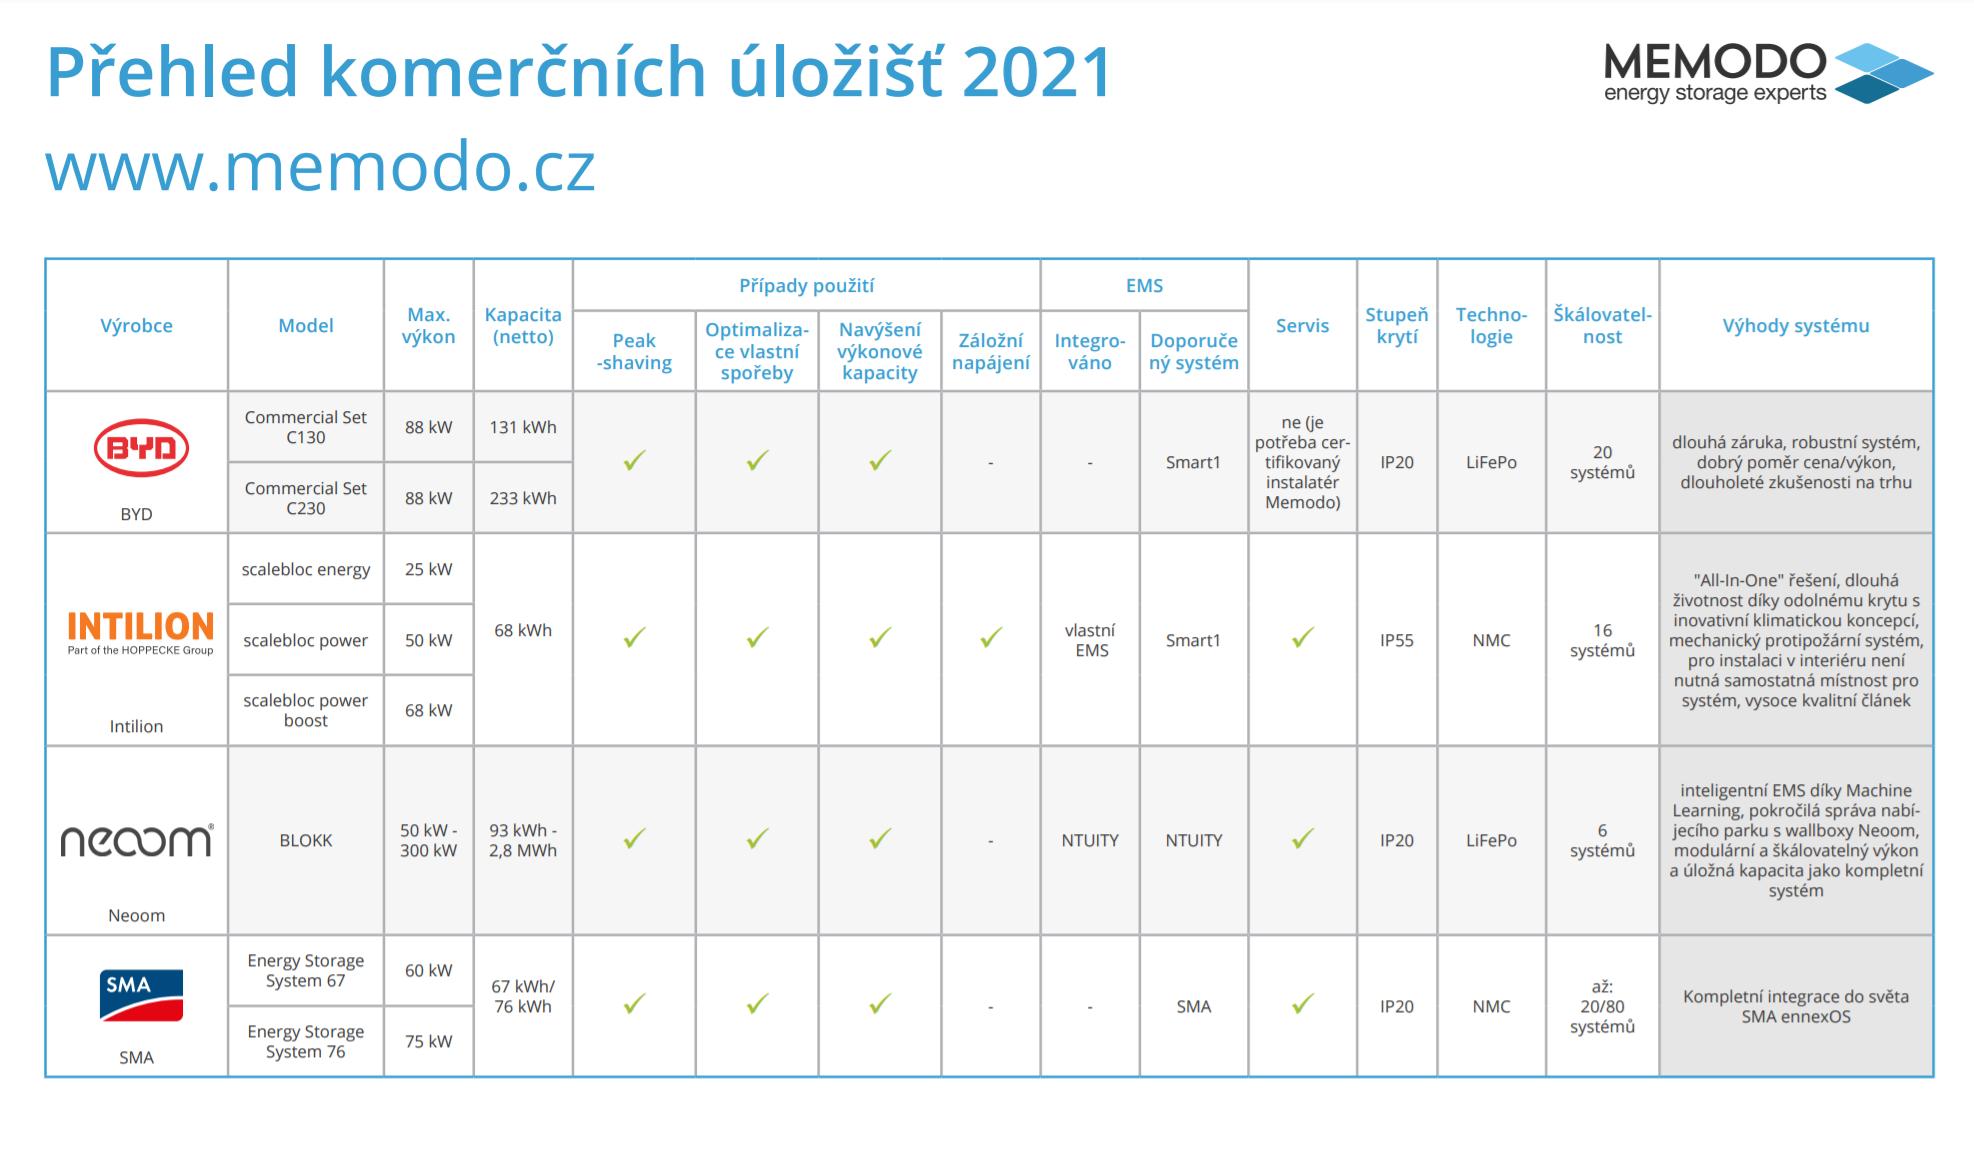 Prehled-komercnich-ulozist-2021